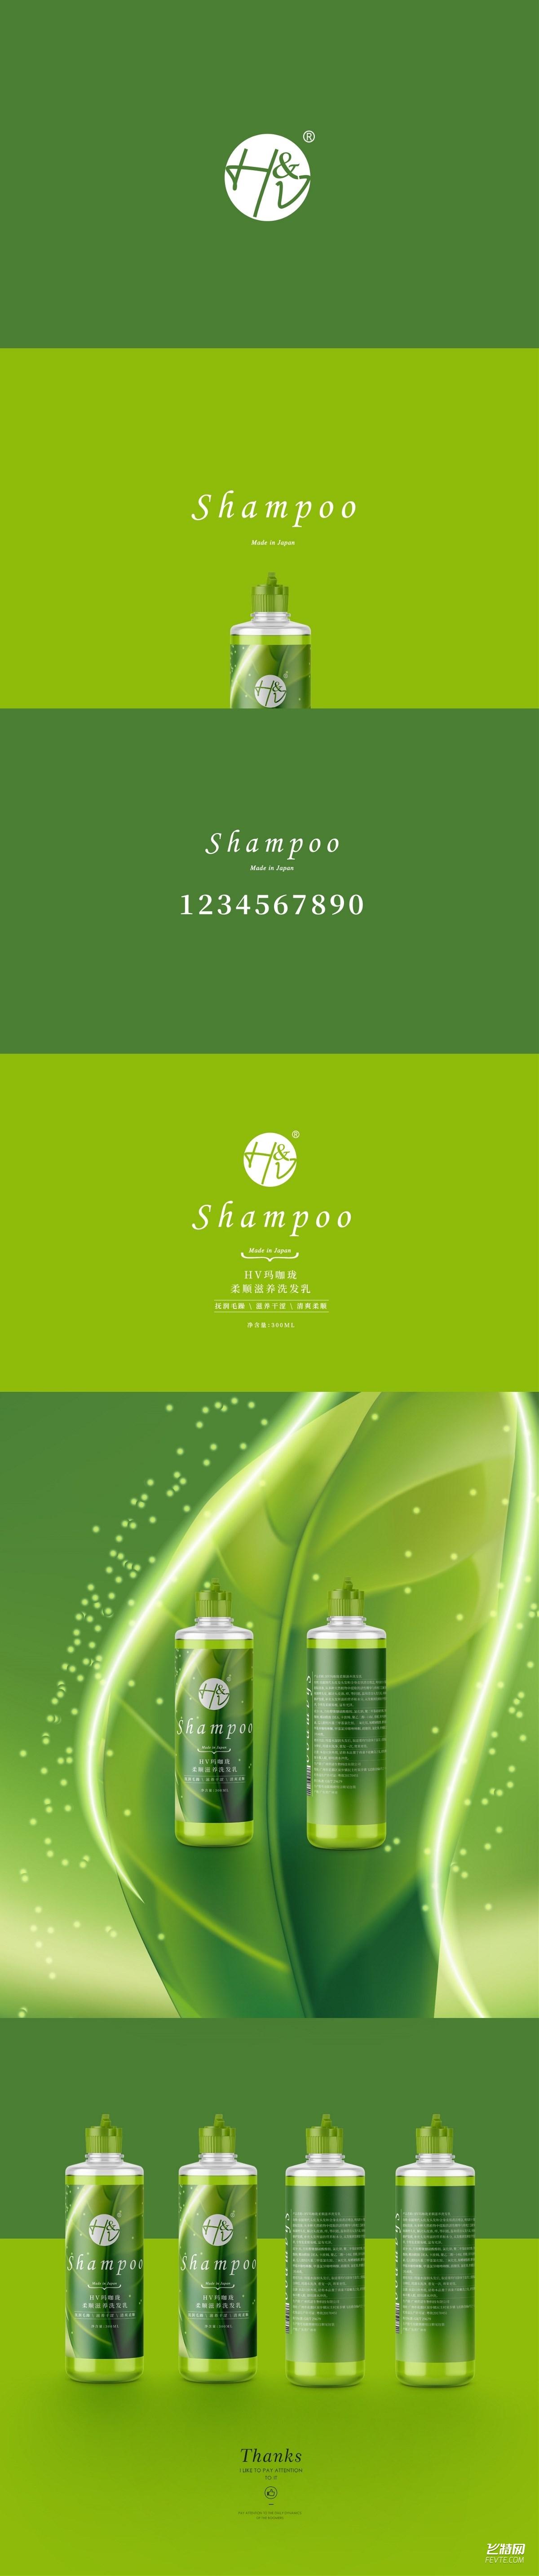 HV玛咖珑柔顺滋养洗发乳 飞特网 日用品包装设计